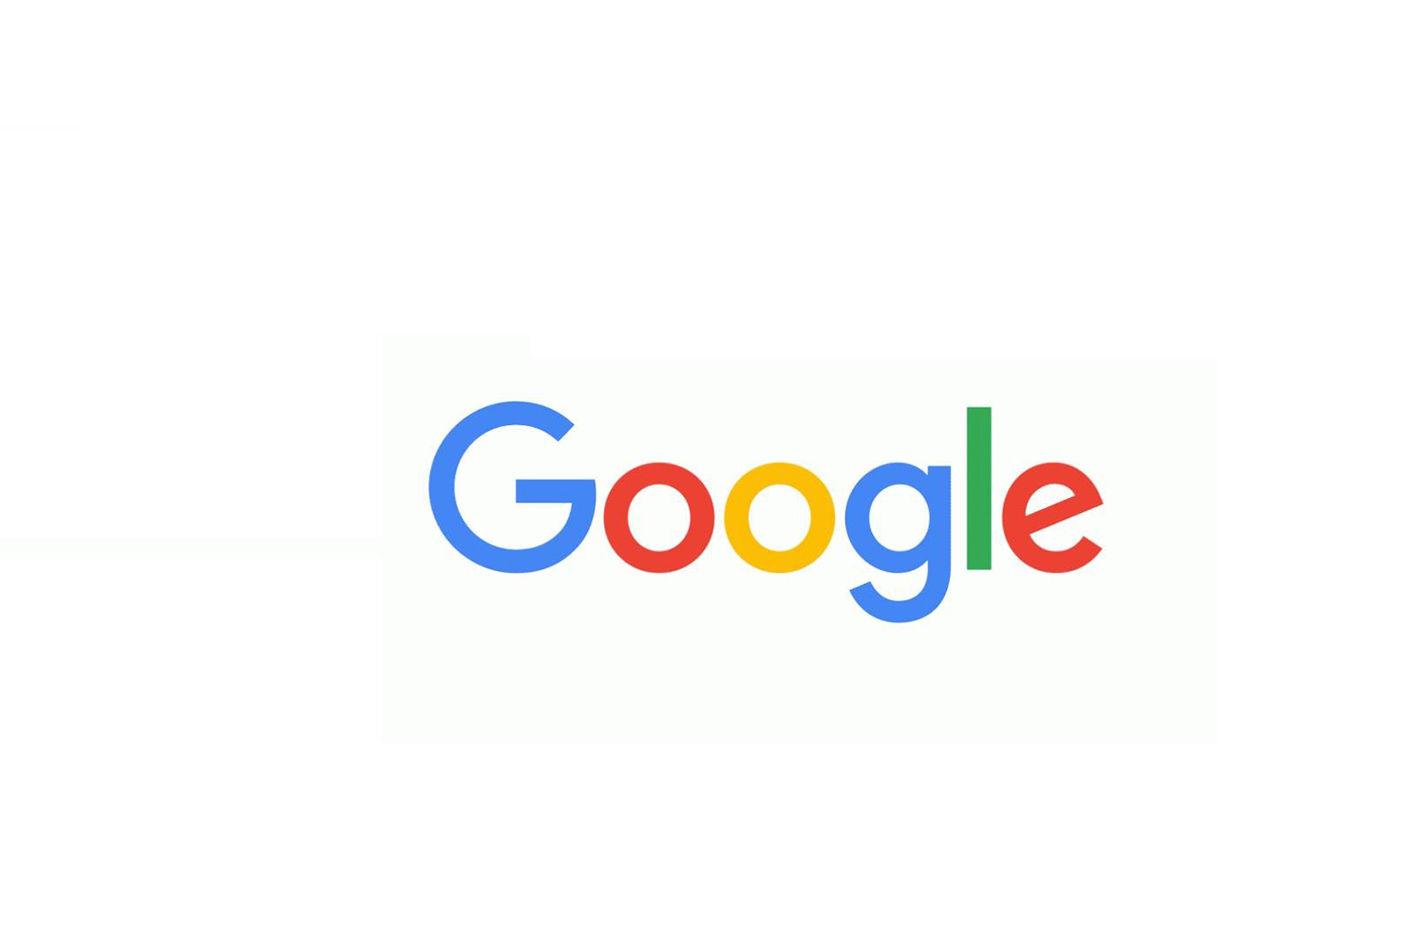 投放Google Ads的误区